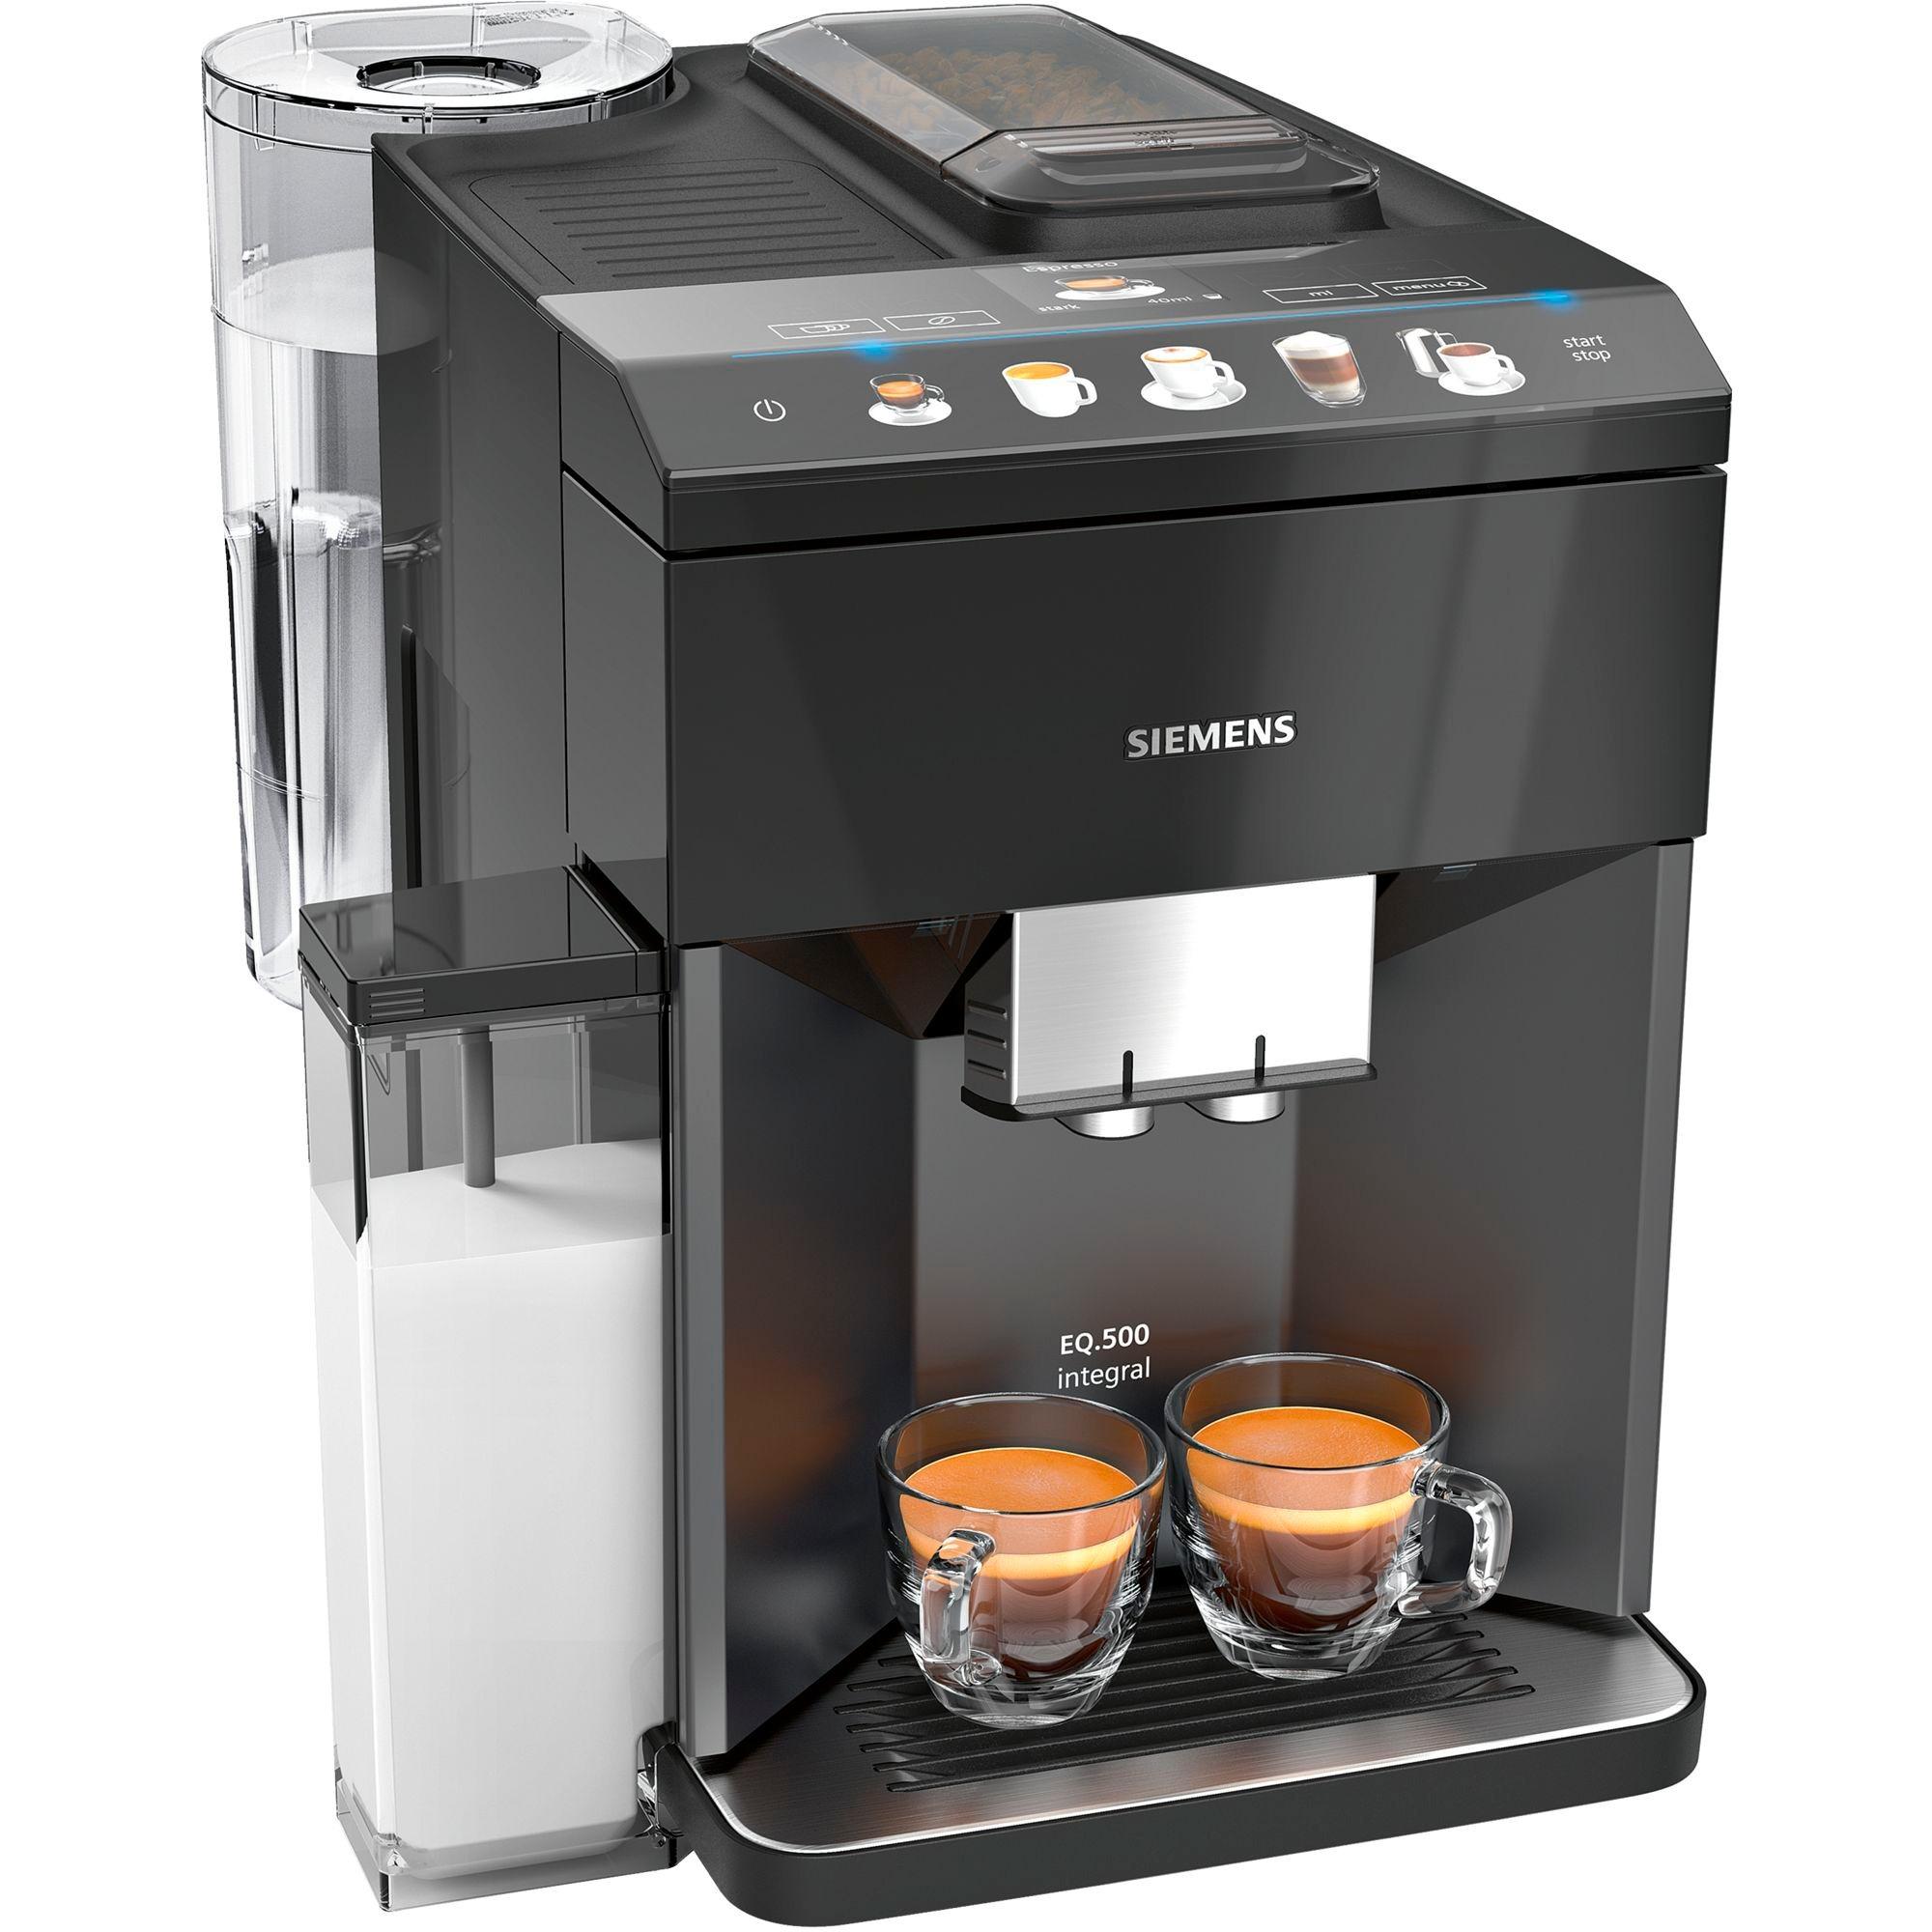 EQ.500 integral Encimera Máquina espresso 1,7 L Totalmente automática, Superautomática